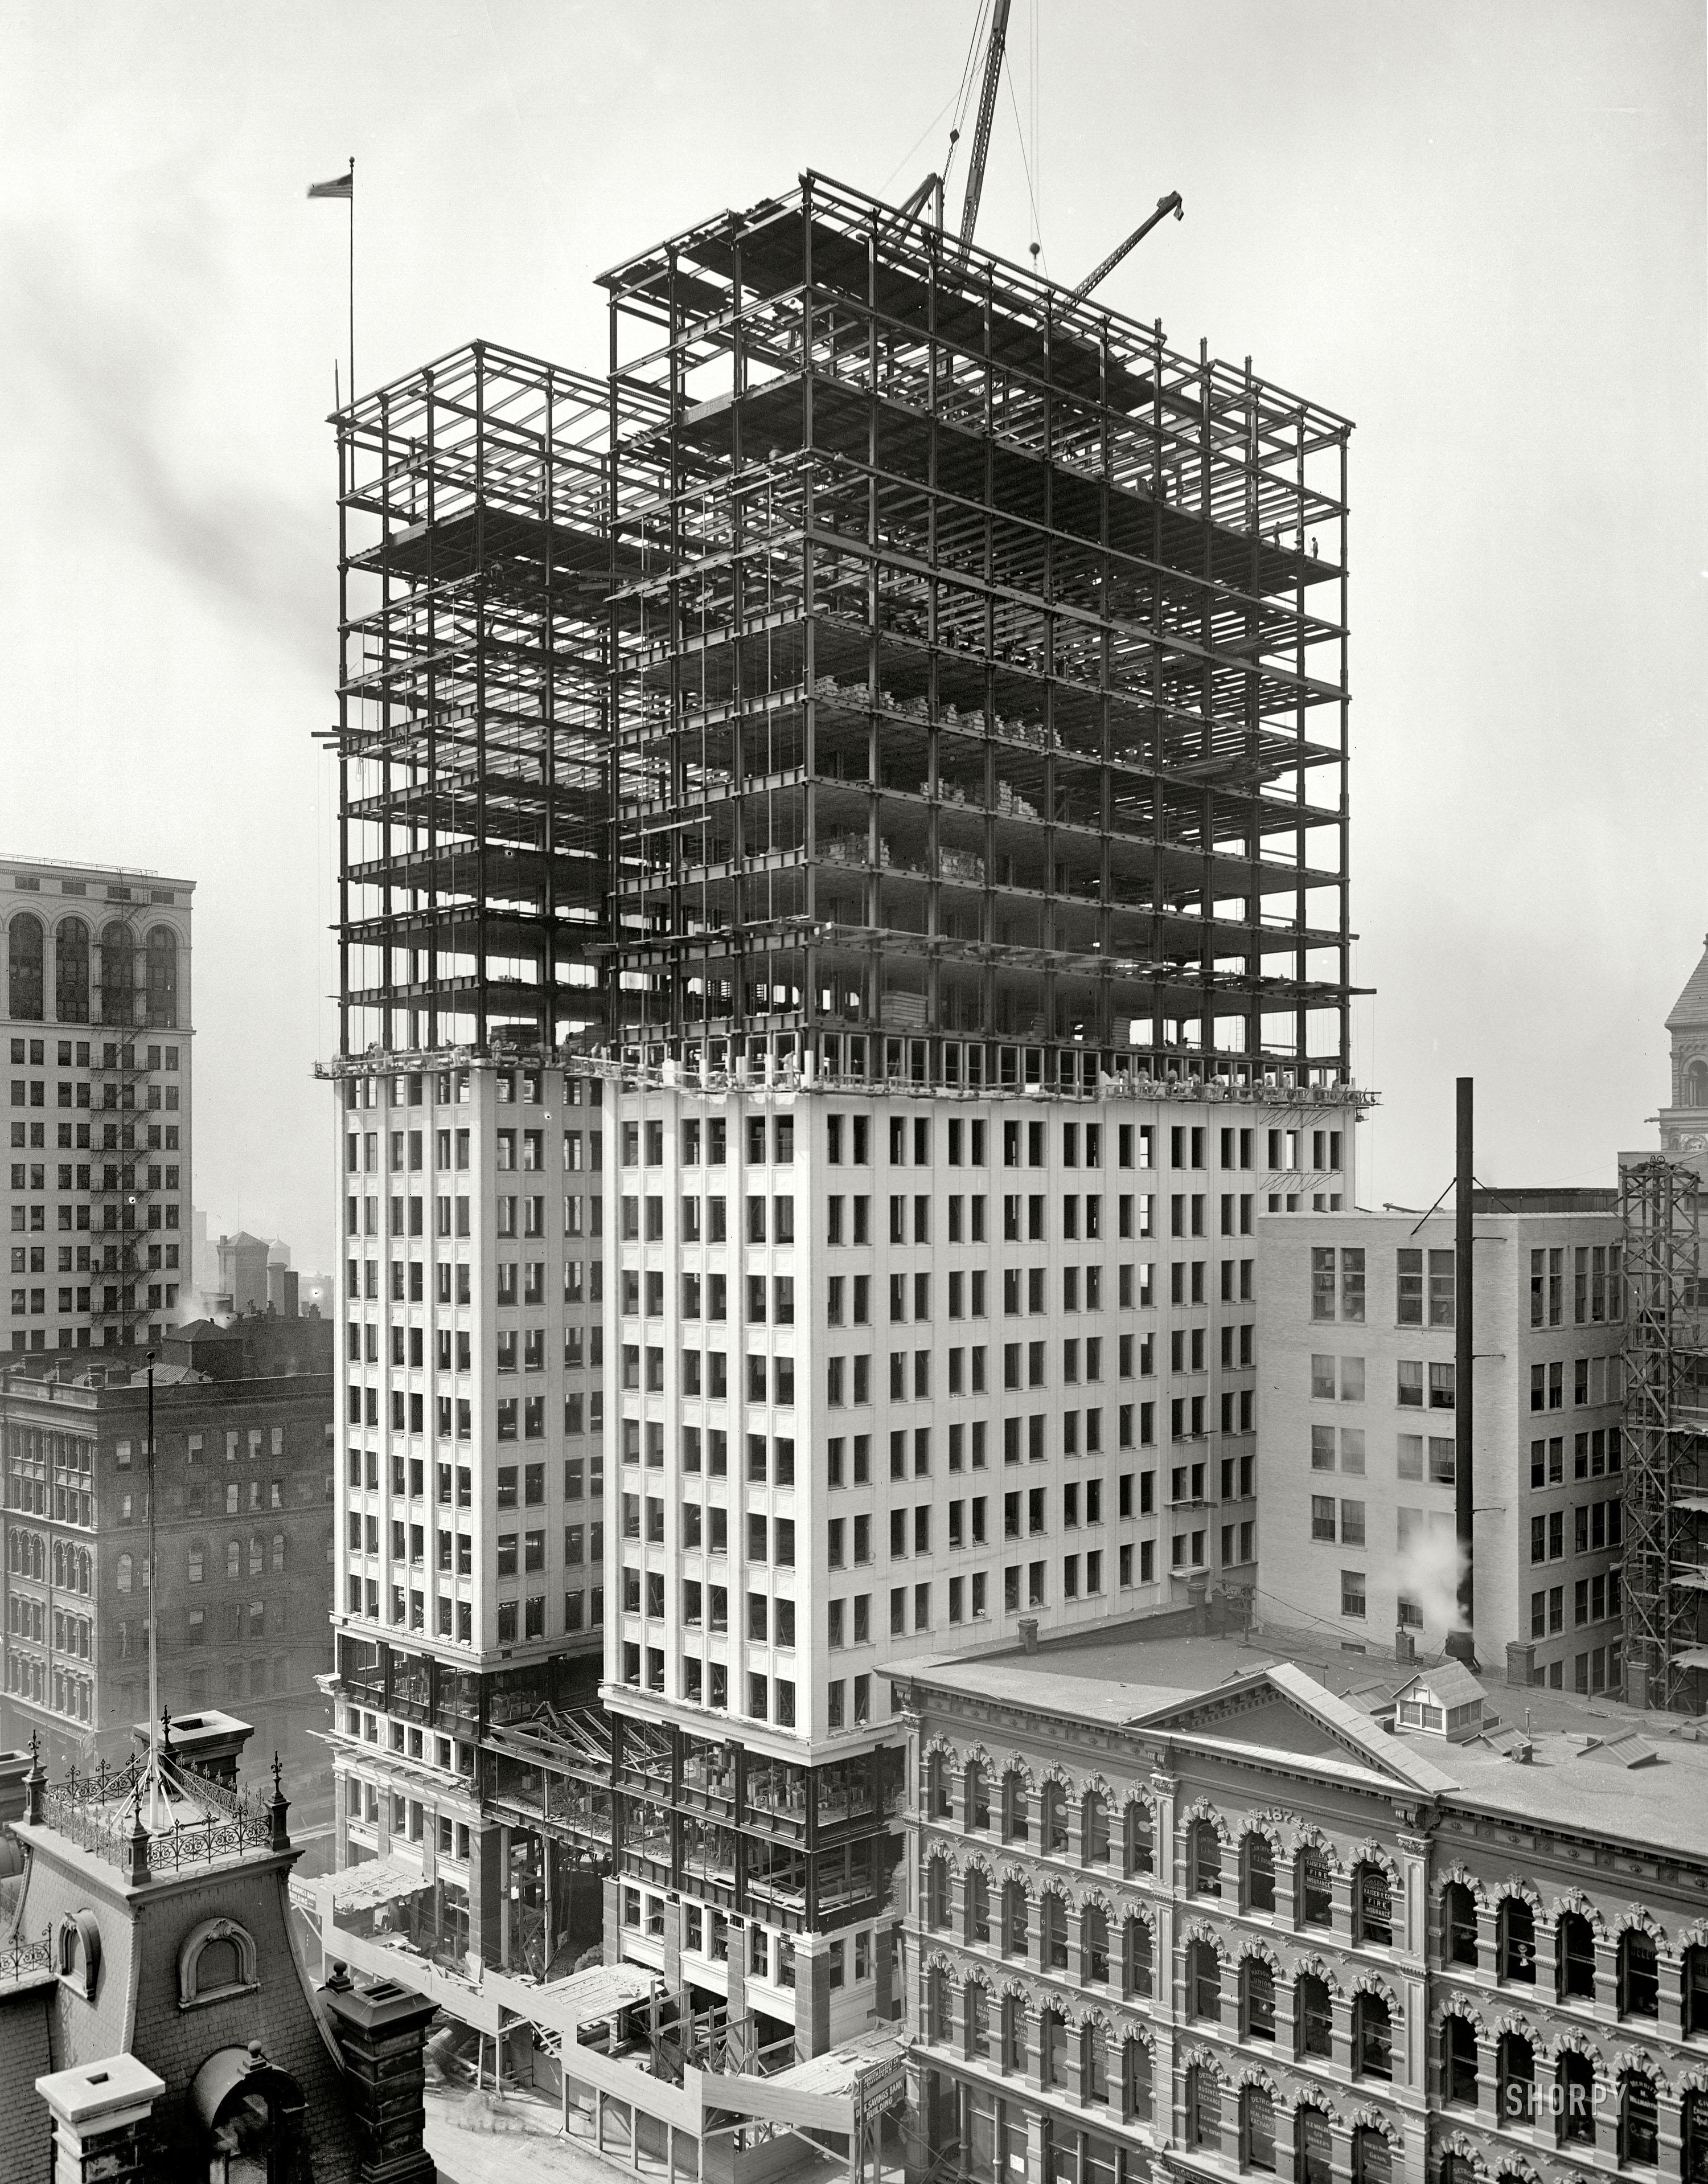 Renaissance Building Under Construction